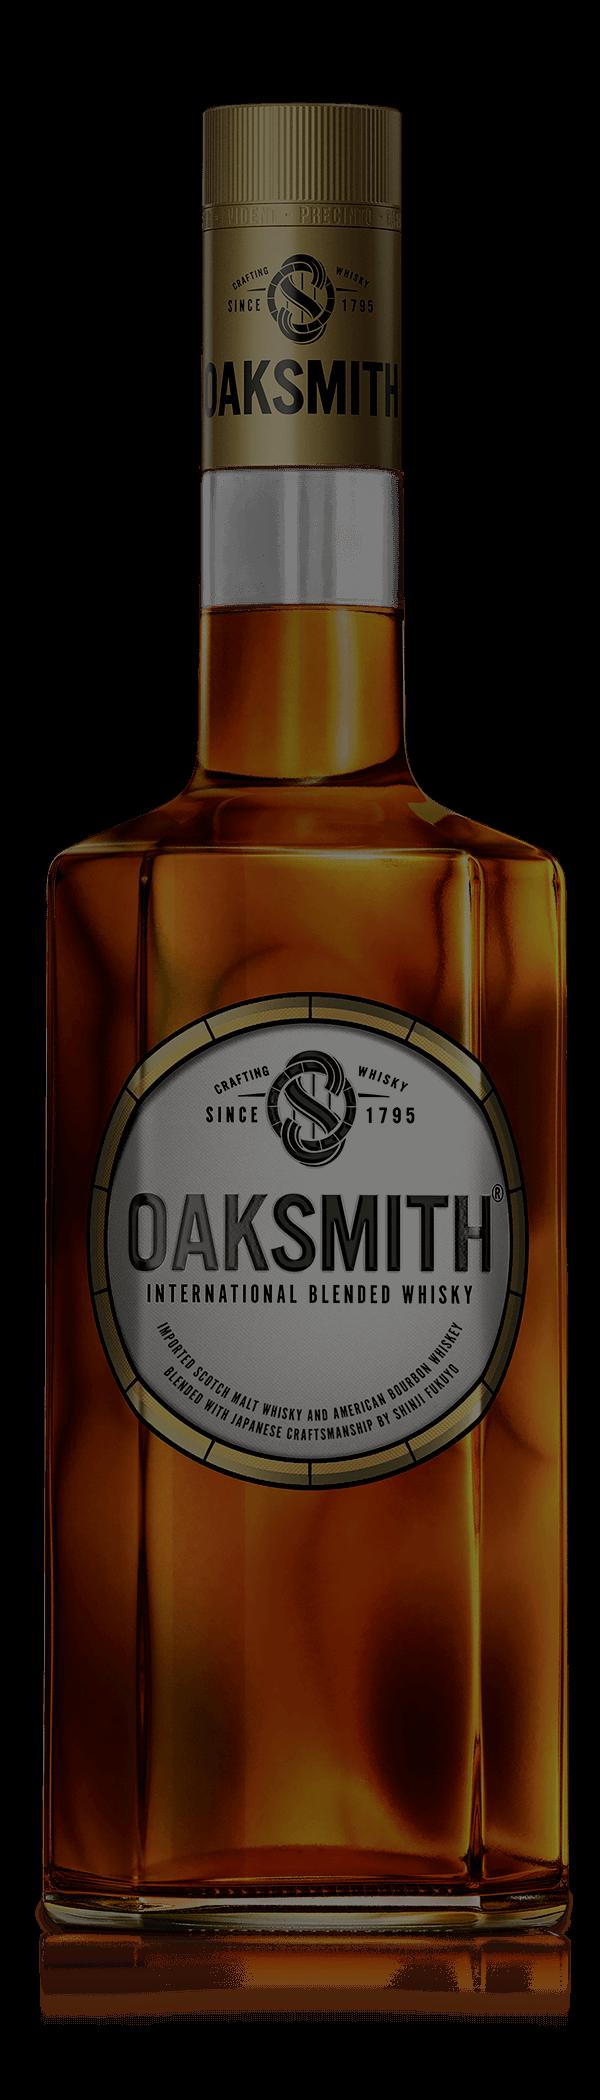 oaksmith whisky